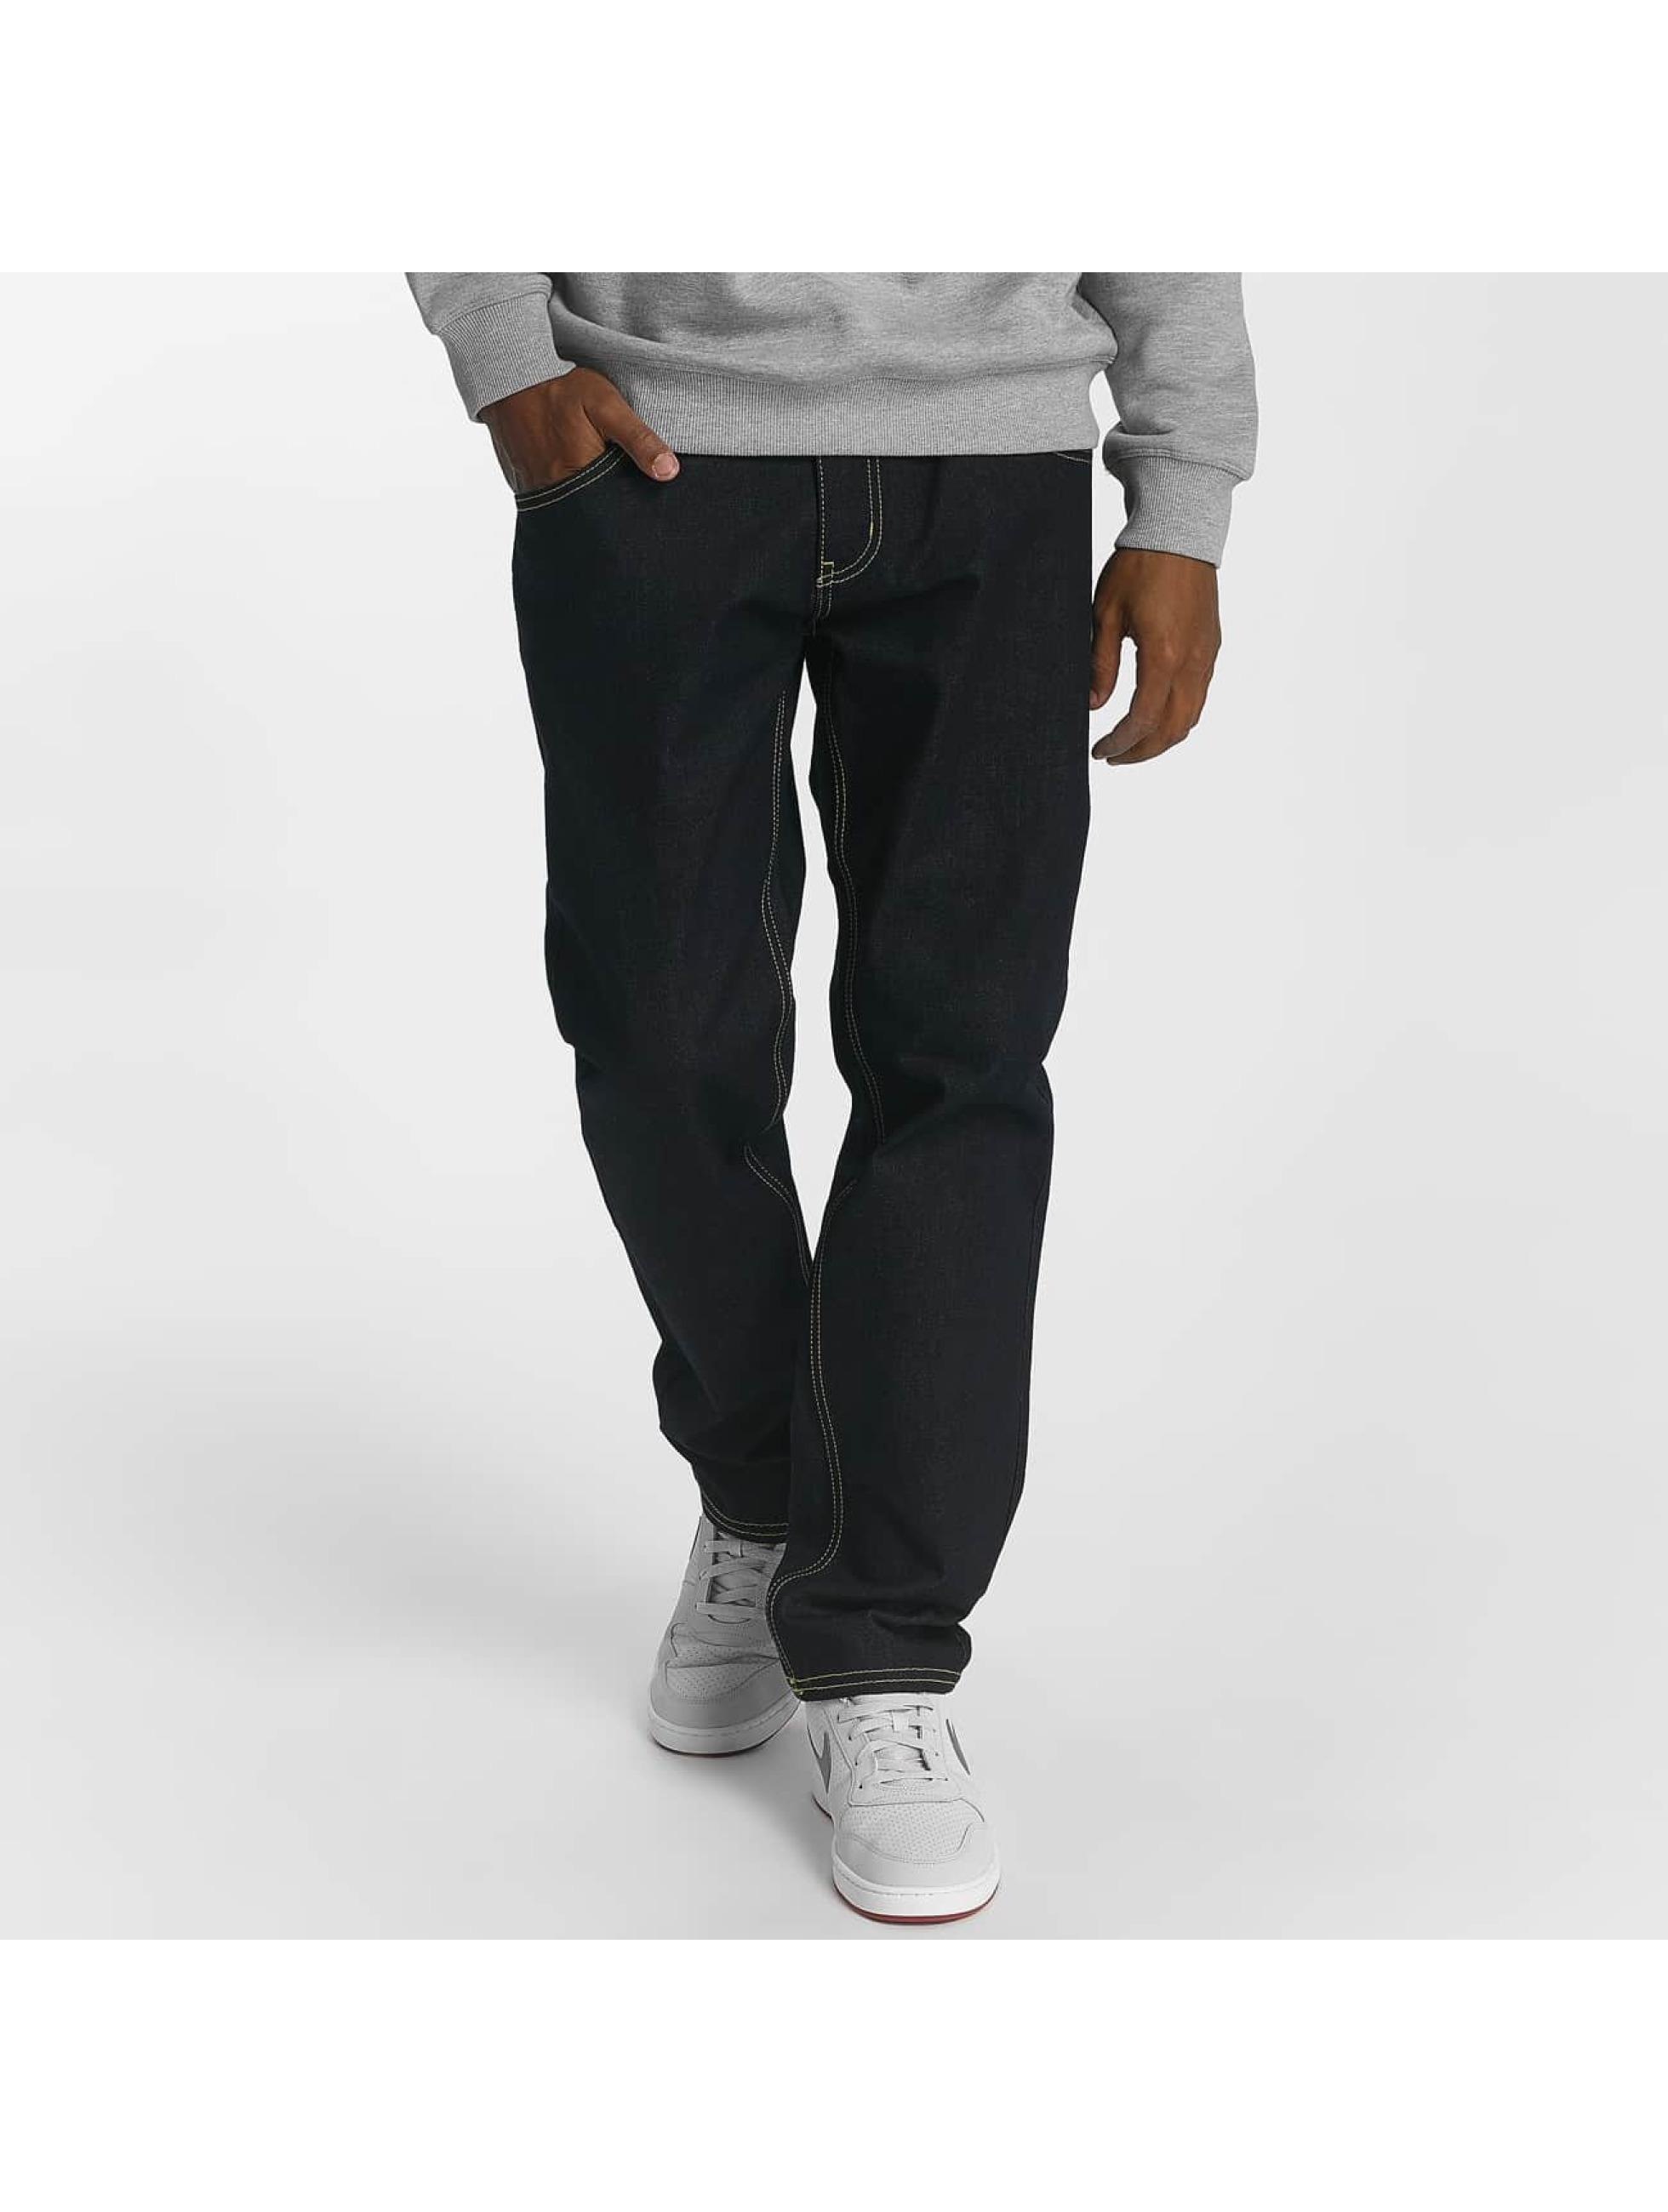 Ecko Unltd. / Straight Fit Jeans Camp's St Straight Fit in indigo W 42 L 34